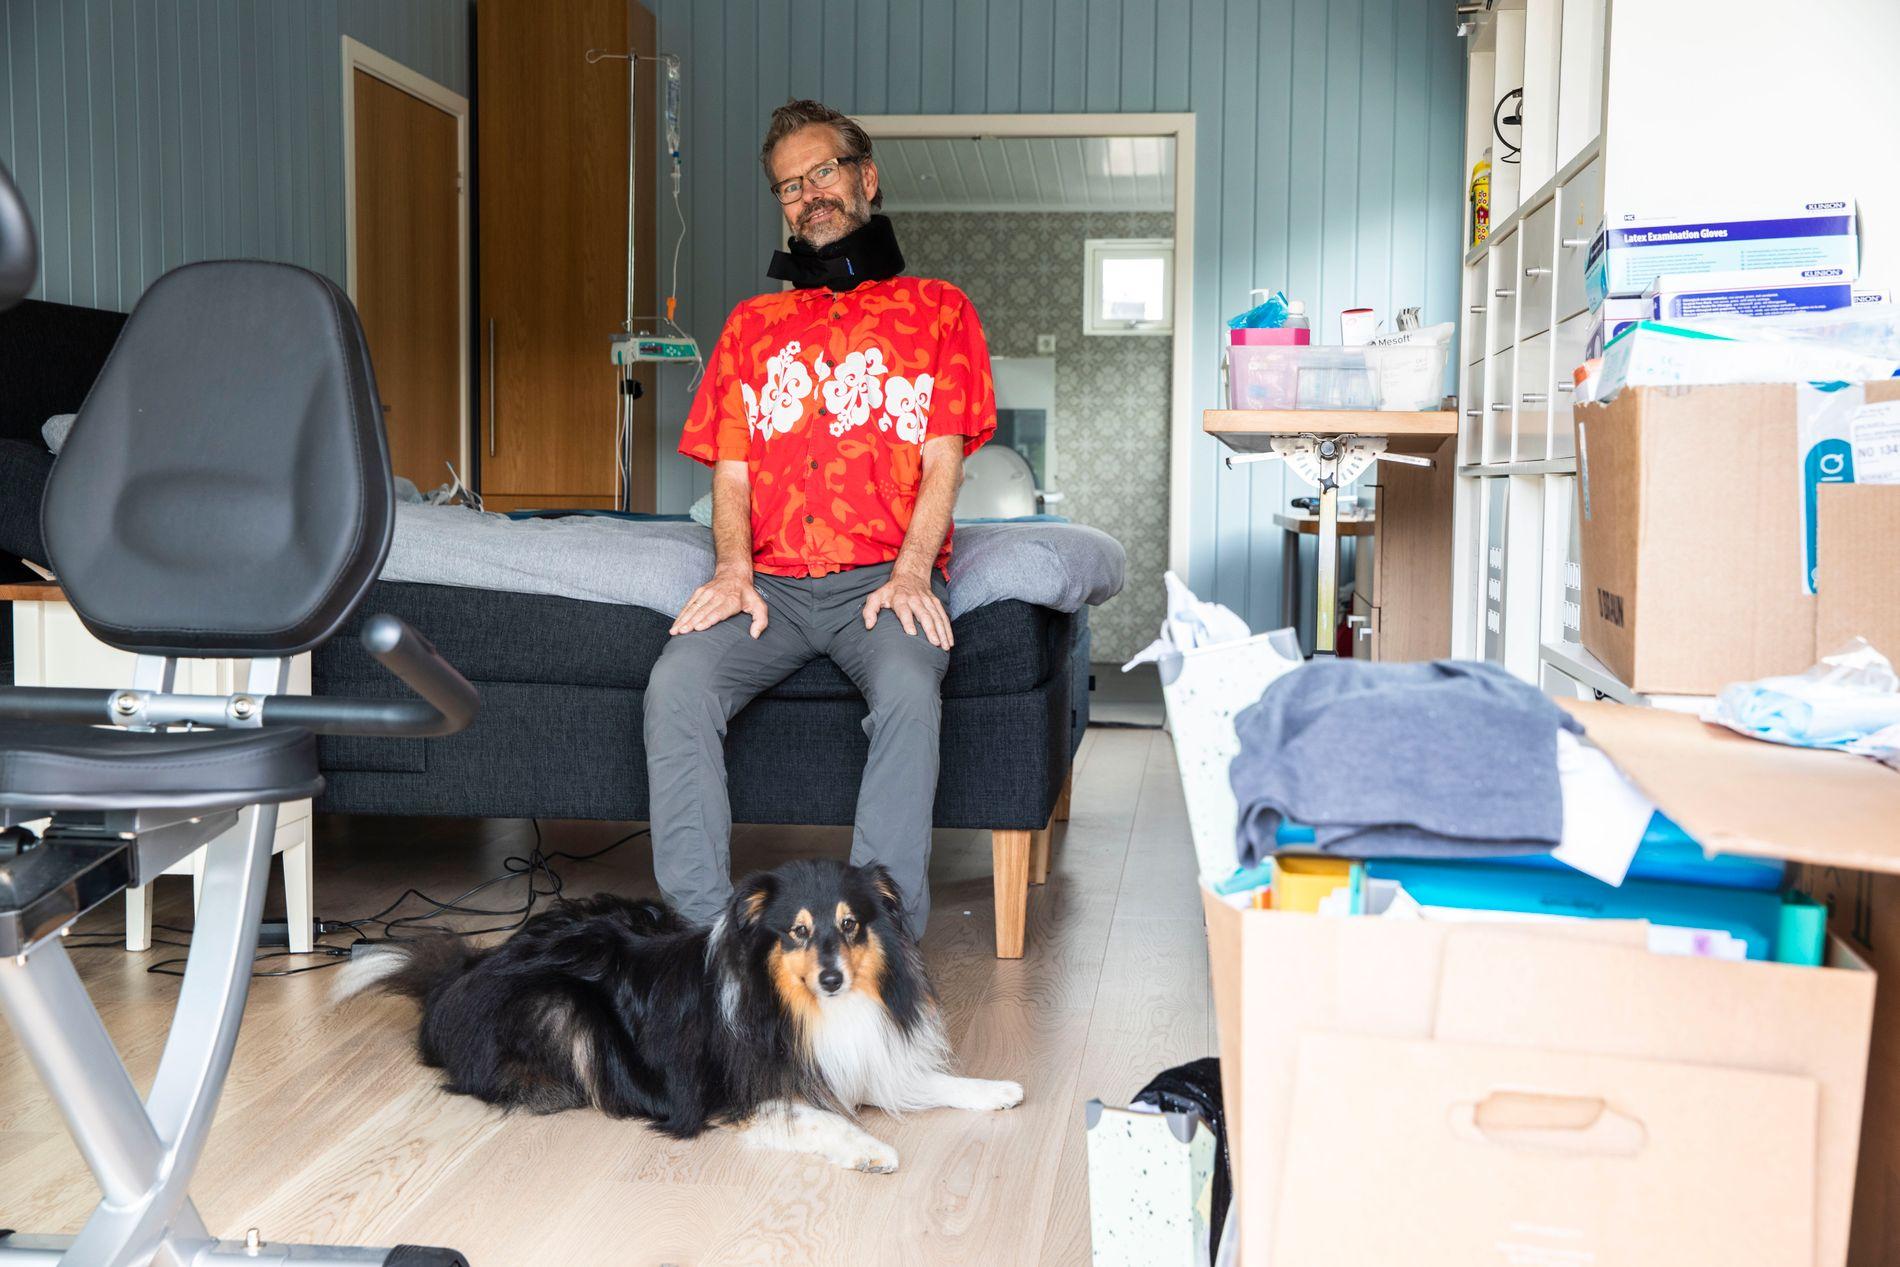 ALS: Bjørn Brennskag (48) fikk diagnosen ALS i november 2017. – Muligheten til å prøve medisinen har vært utrolig viktig for meg, sier han.